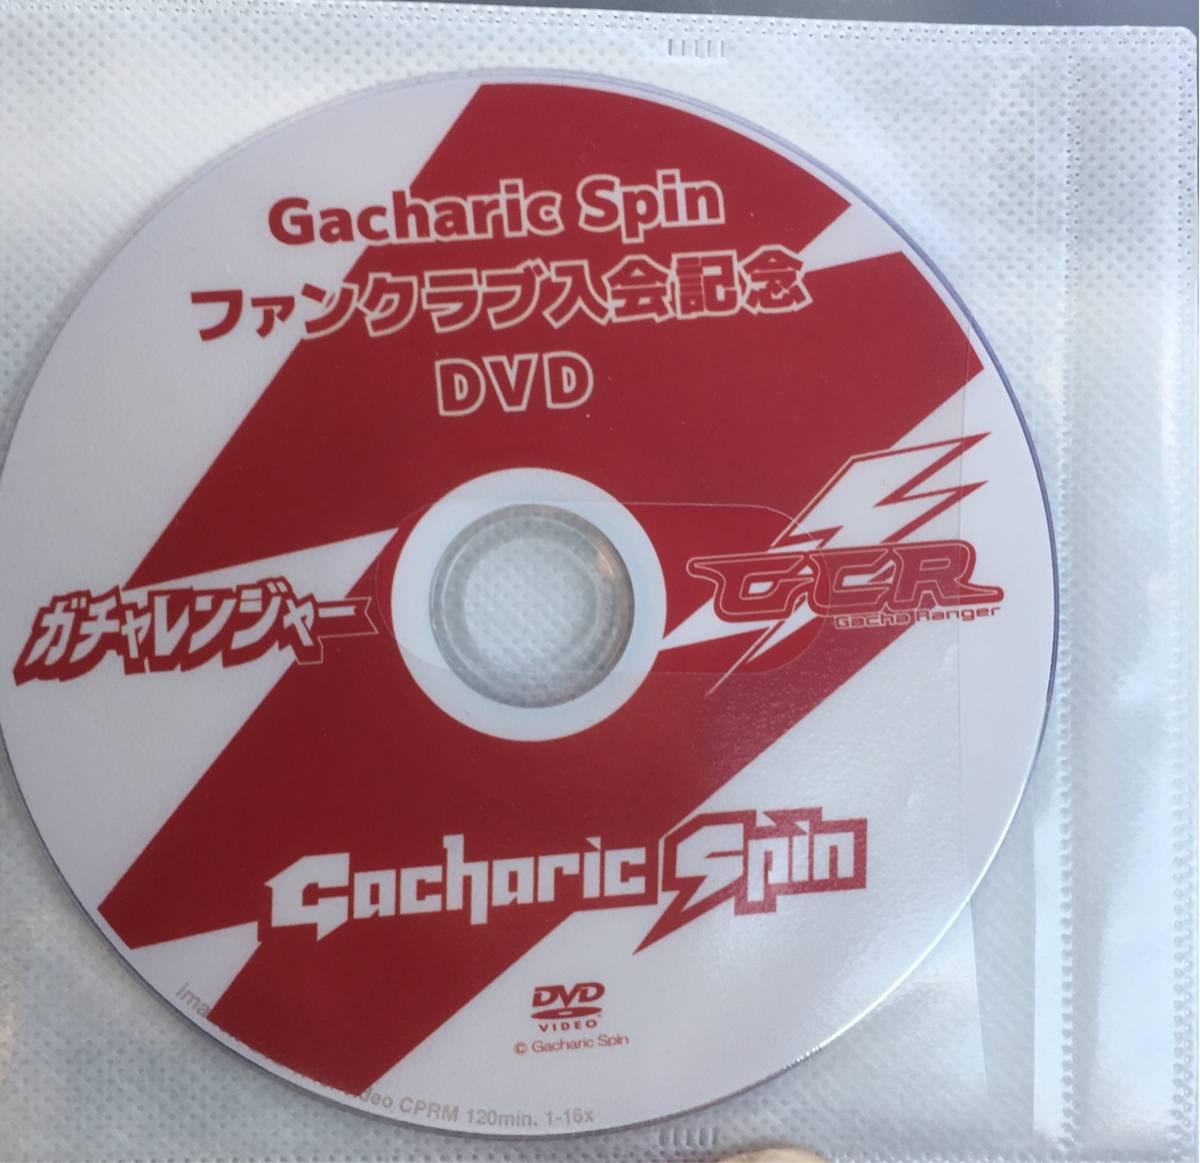 Gacharic Spin  ファンクラブ入会記念 DVD  (ガチャレンジャー)